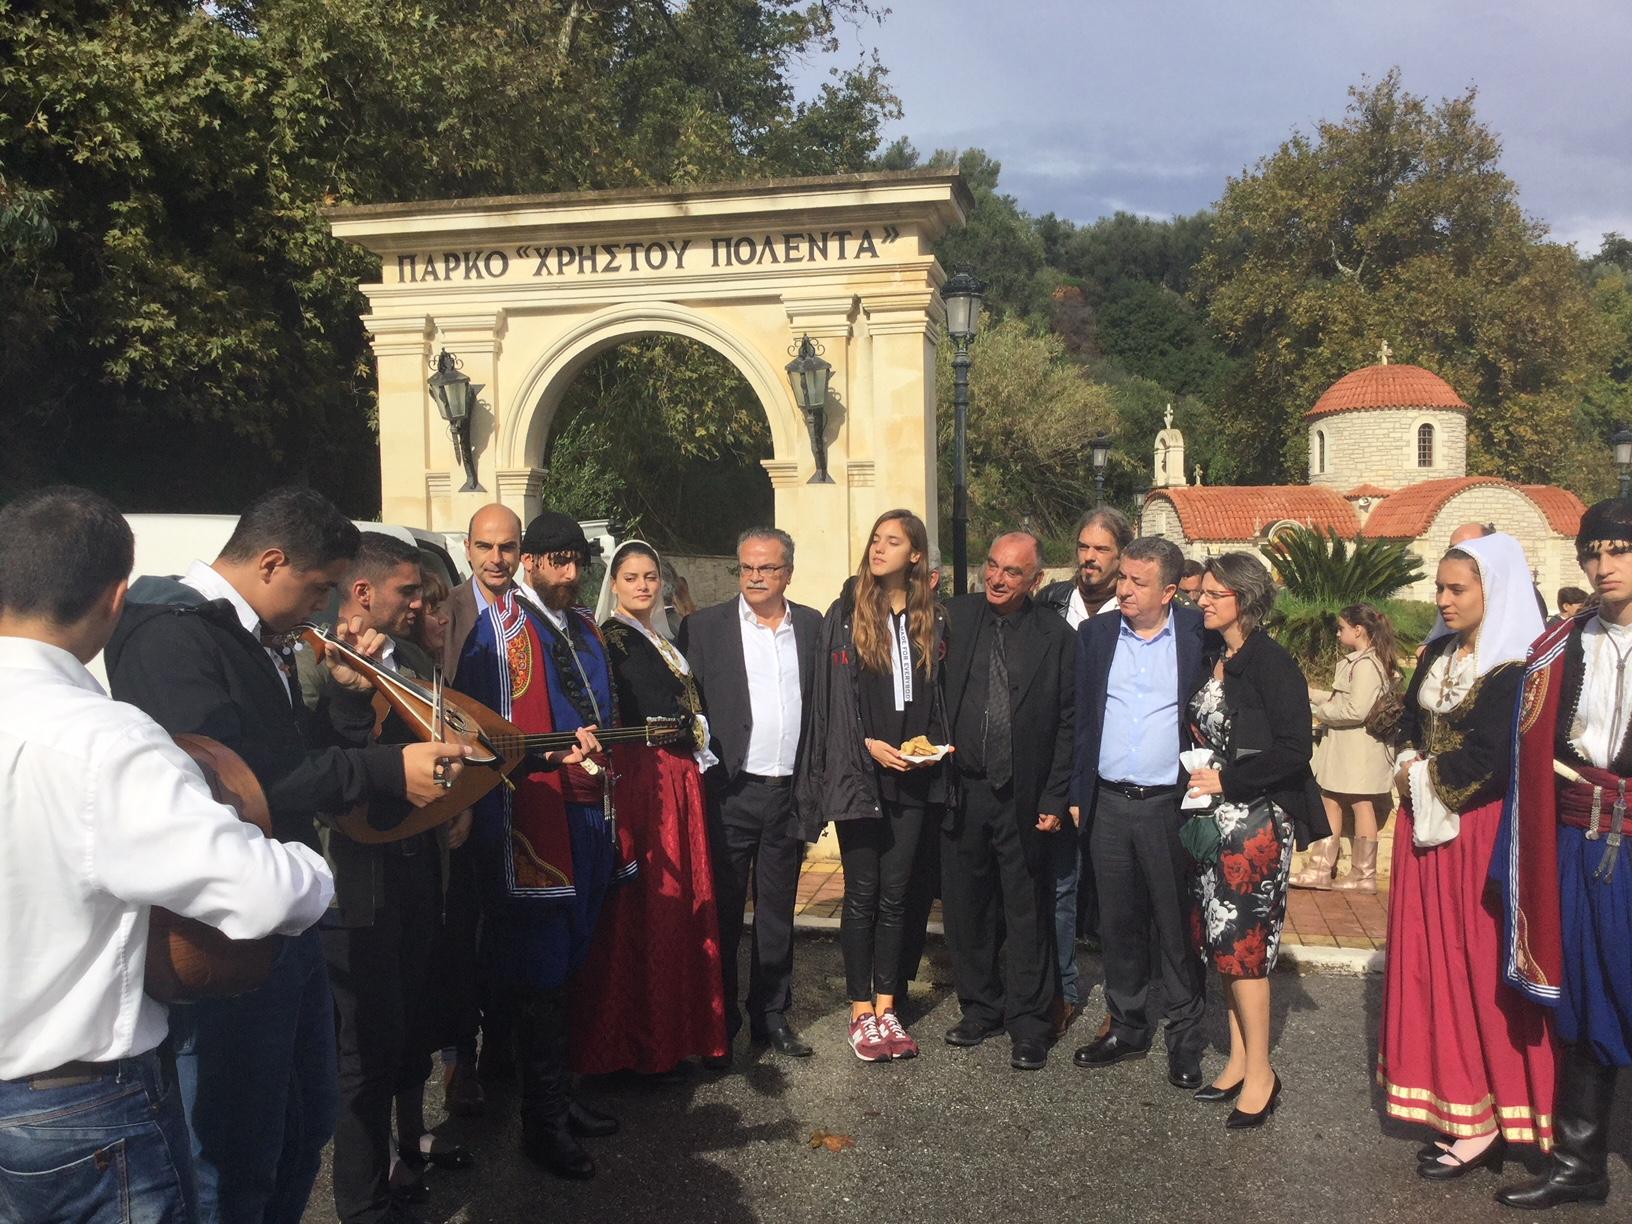 Κρήτη: Ενώνουν τη φωνή τους για την γενοκτονία στους δρόμους της Κρήτης από τα τροχαία.